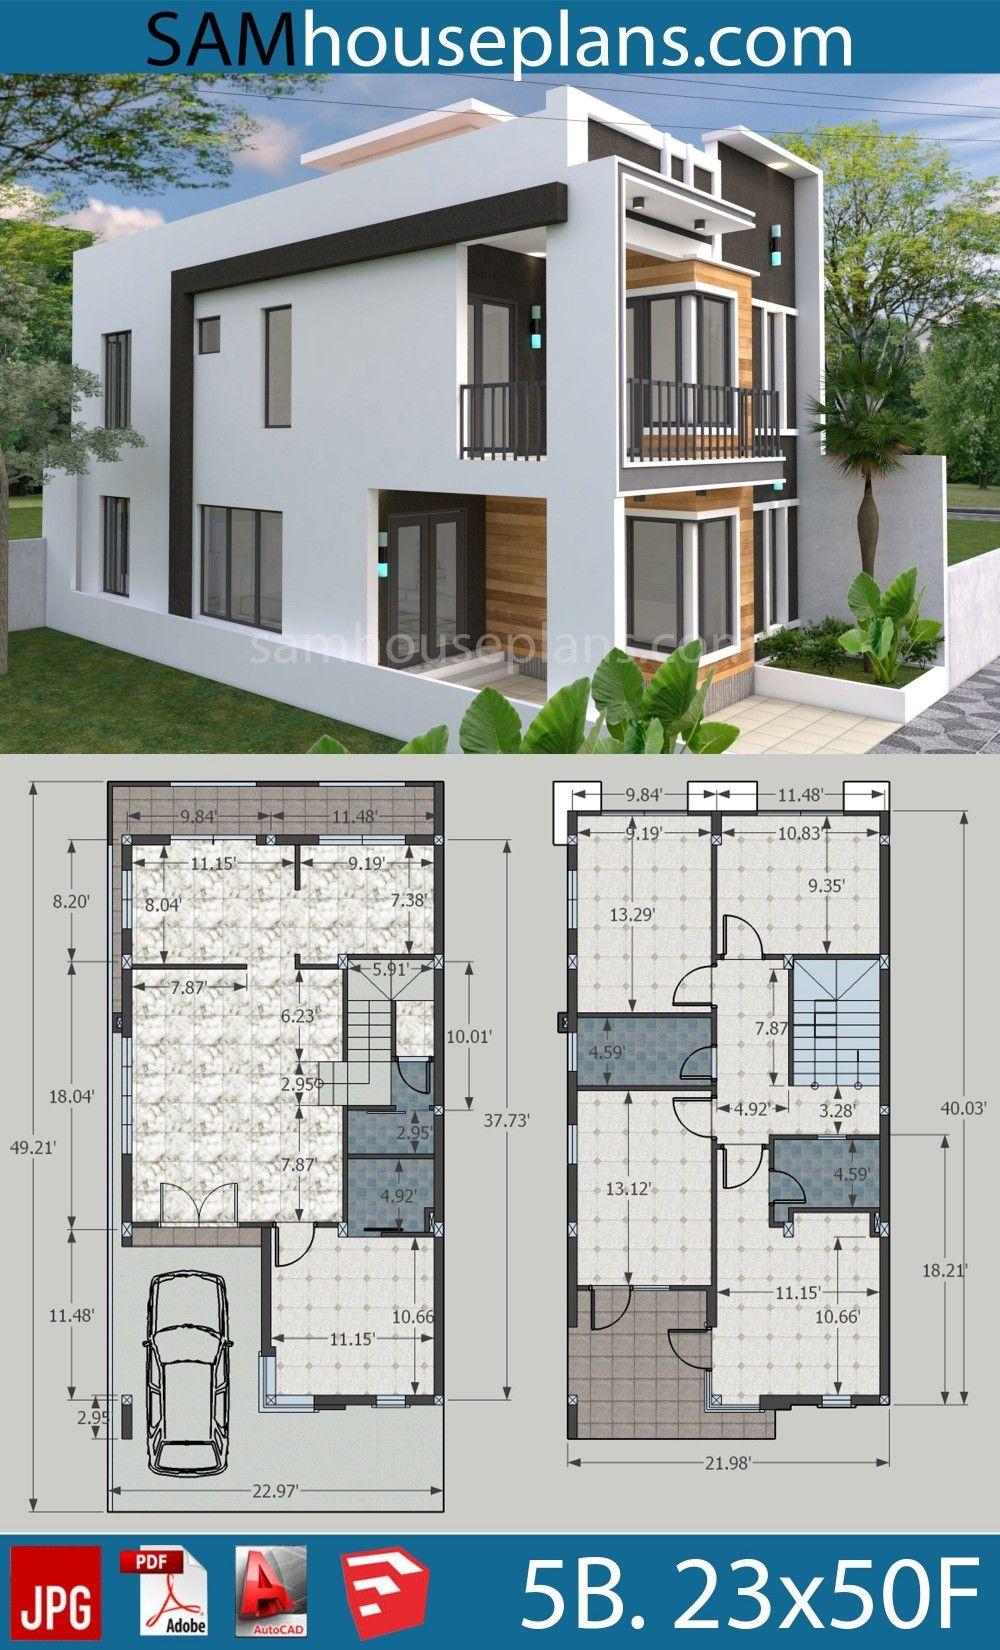 Plans De Maison 7x15m Avec 4 Chambres A Coucher Model House Plan Duplex House Design House Architecture Design